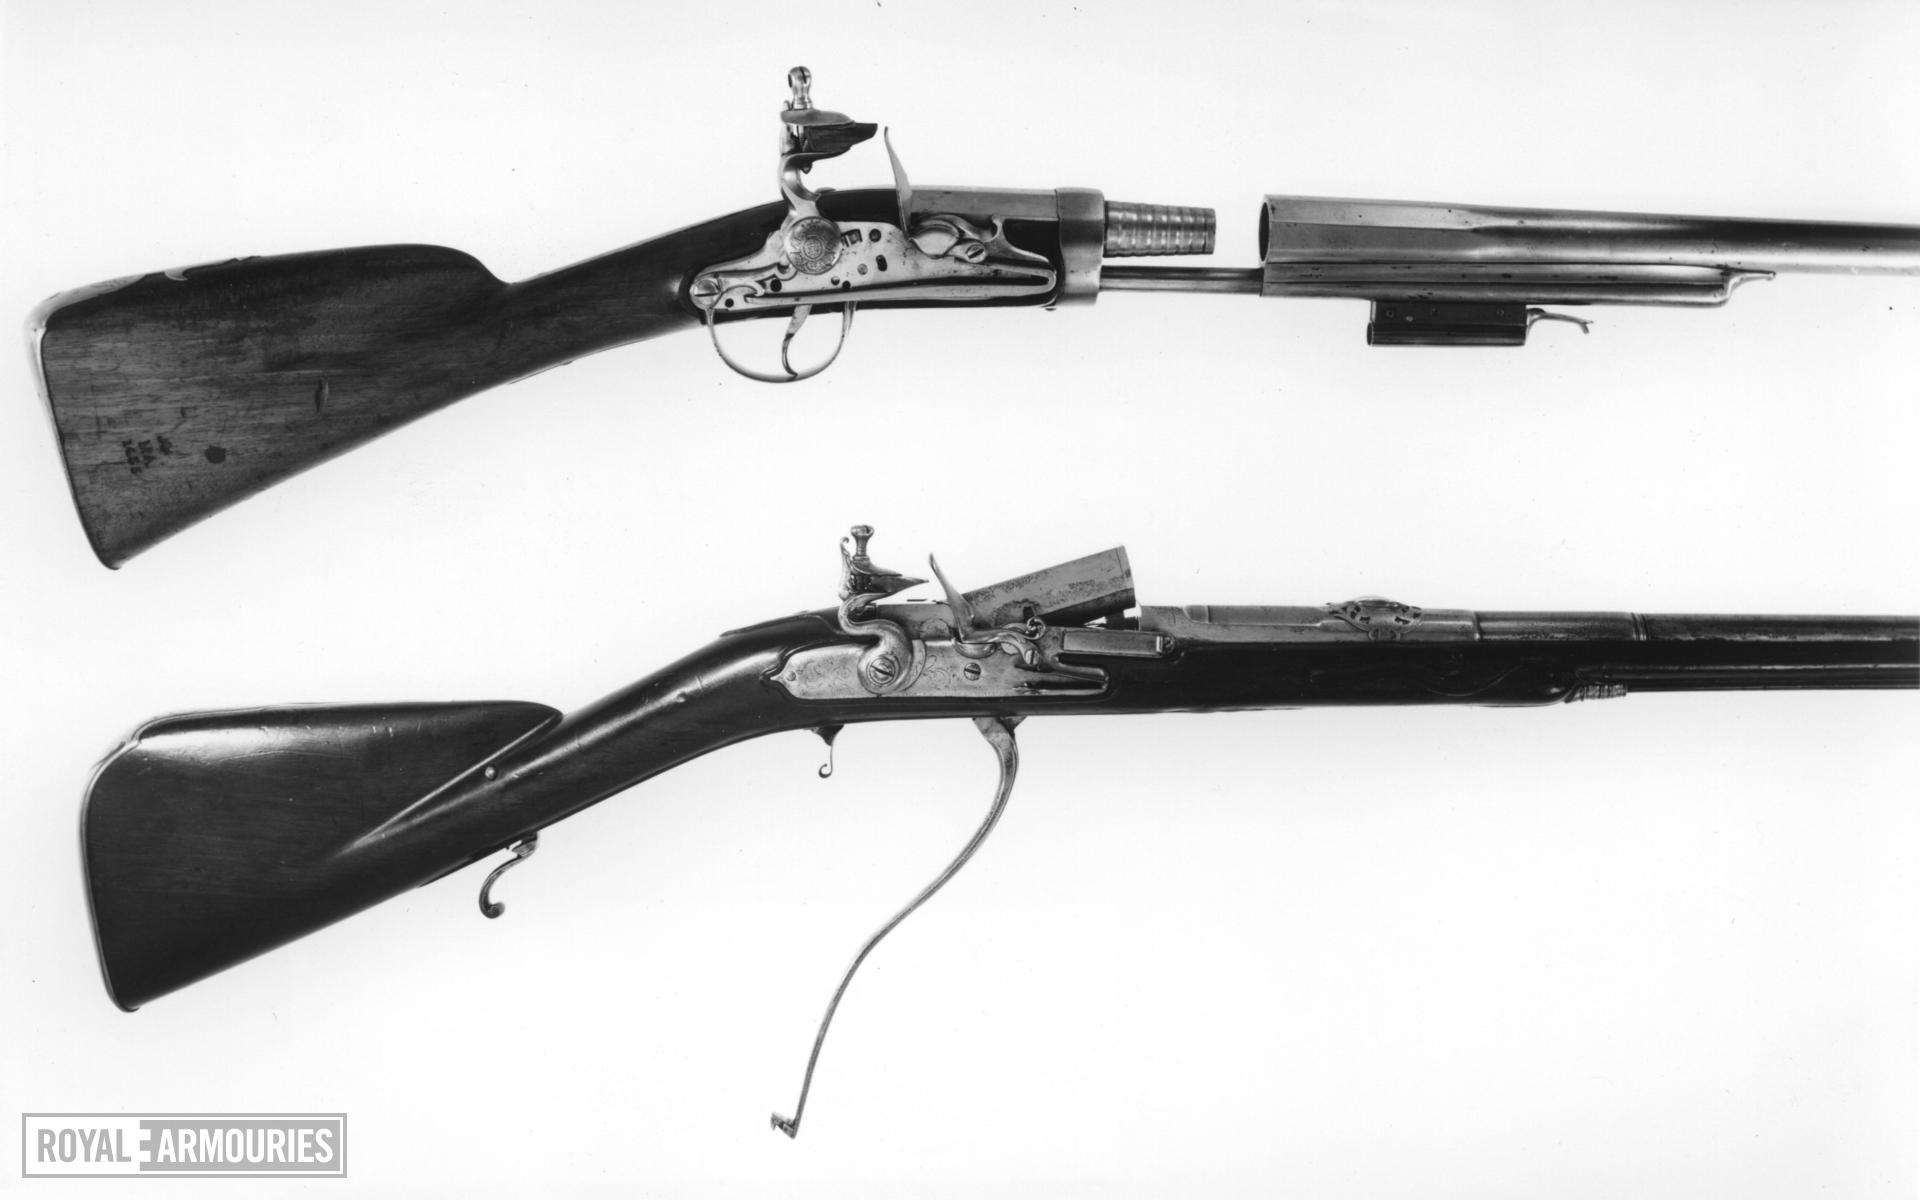 Flintlock breech-loading military musket - Berthier Pattern